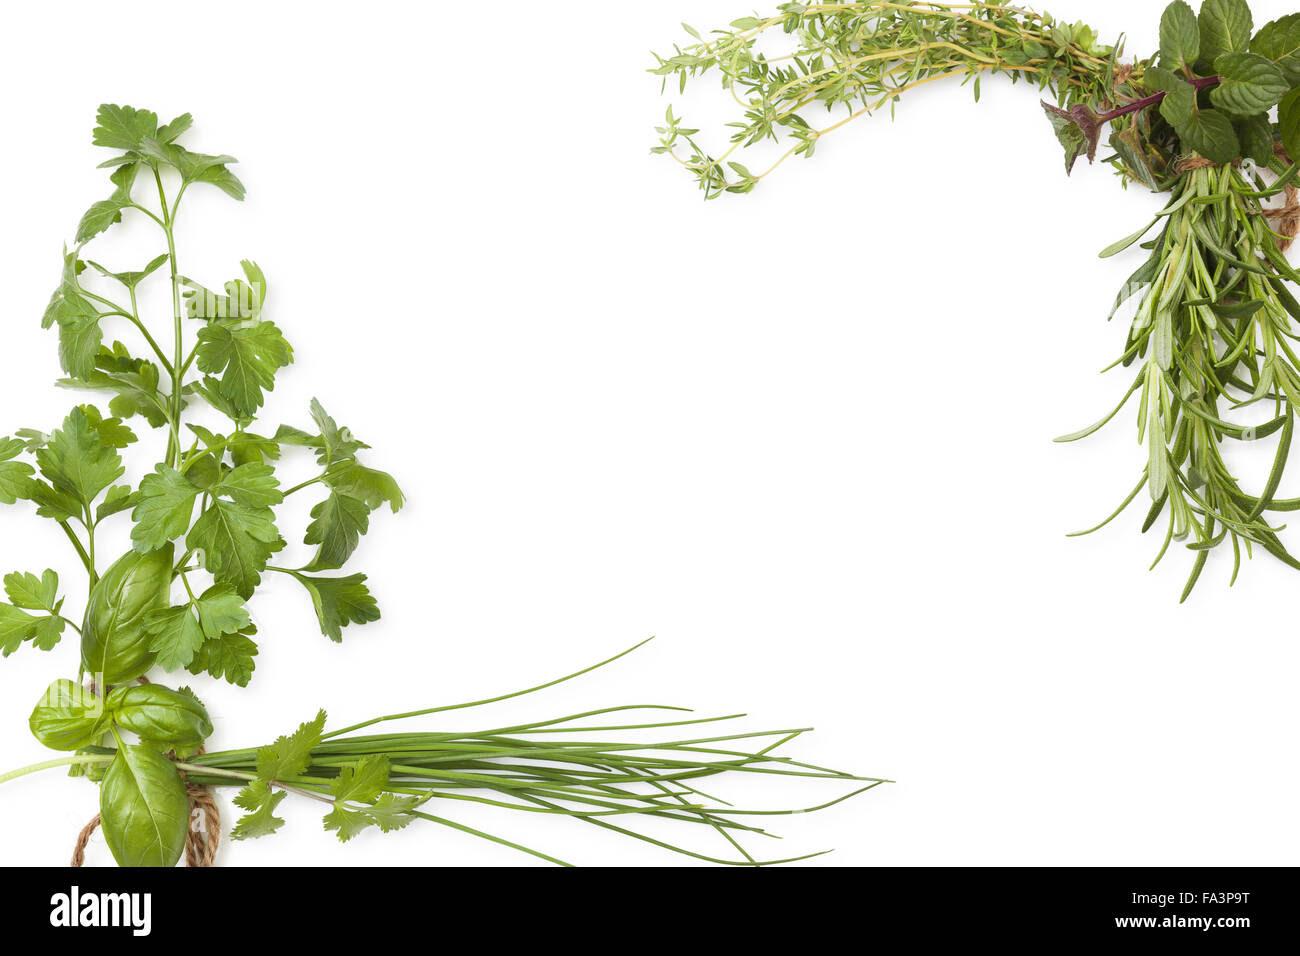 Culinary herbs backg